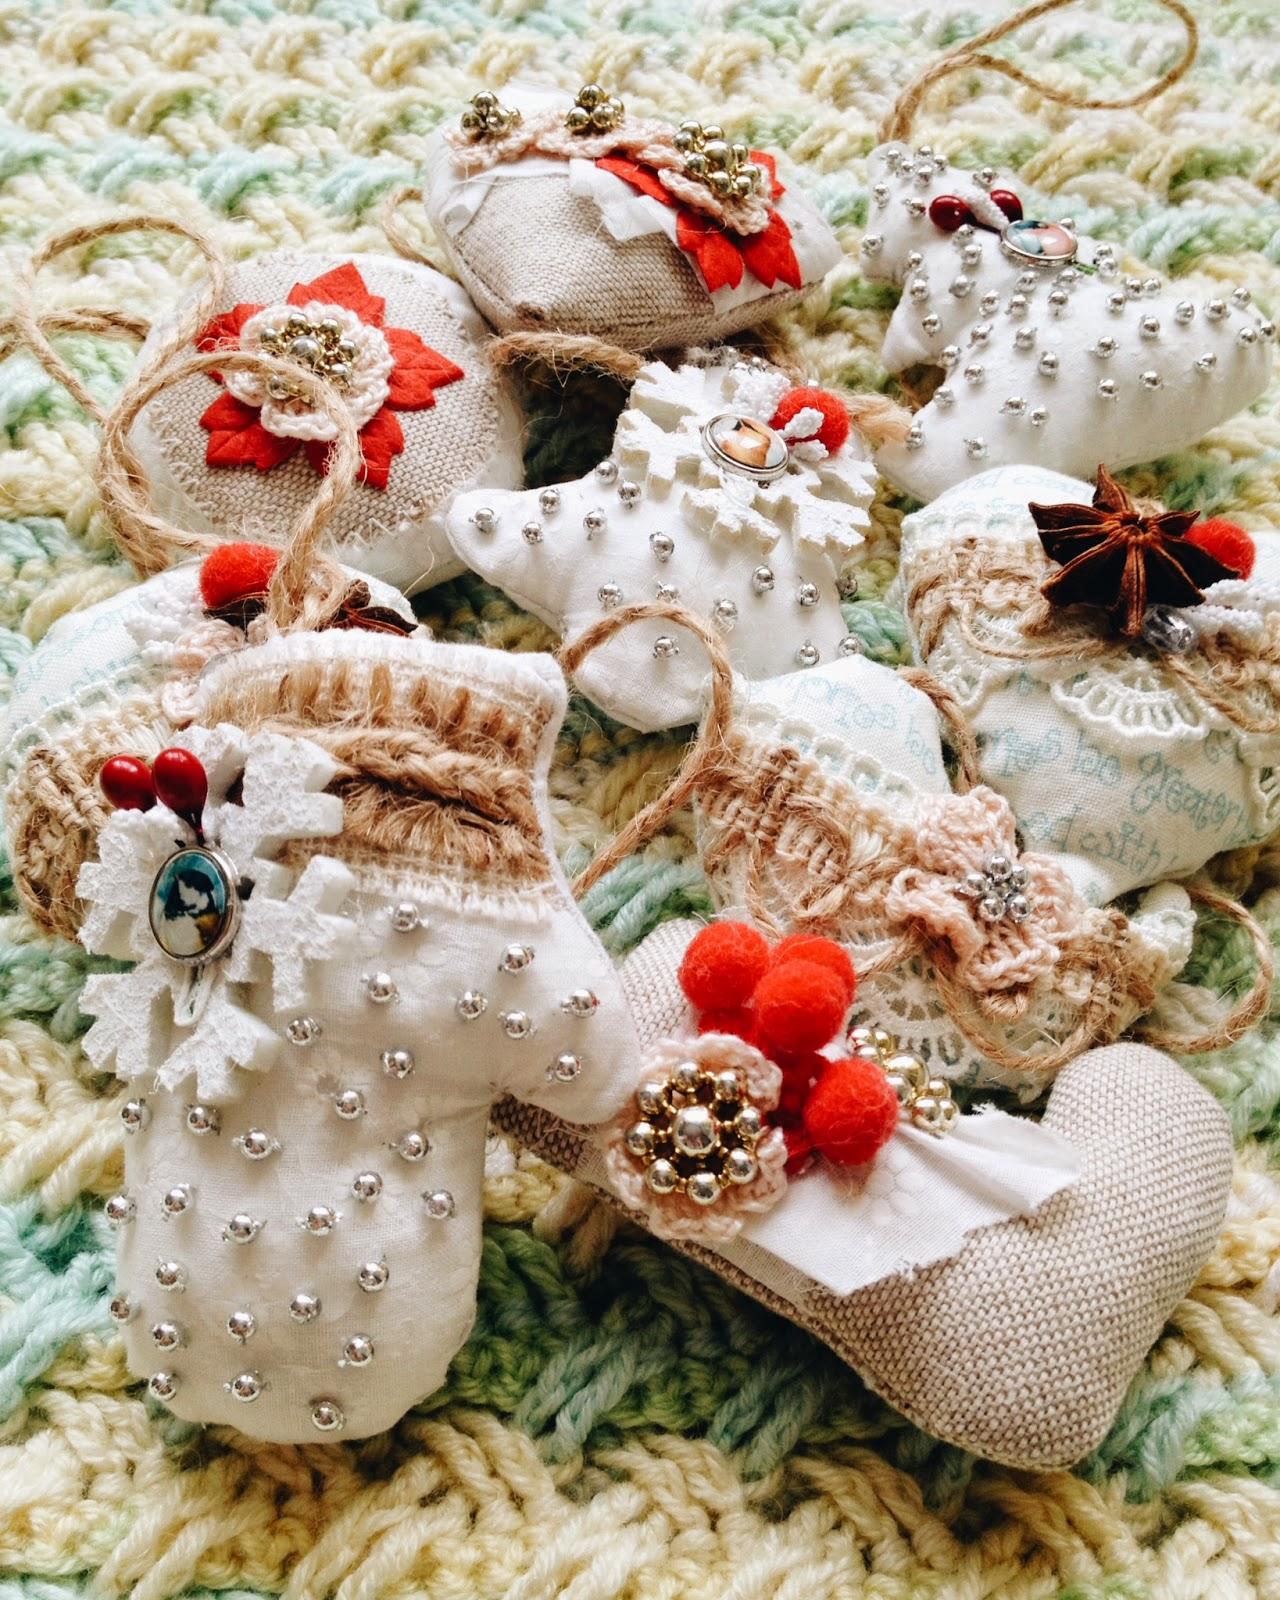 Ручная работа Кокоревой Анны, игрушки, мягкие игрушки, игрушки ручной работы, новогодние игрушки, новогодние игрушки своими руками, новый год, декор на новый год, ёлочные игрушки, новогодние игрушки handmade